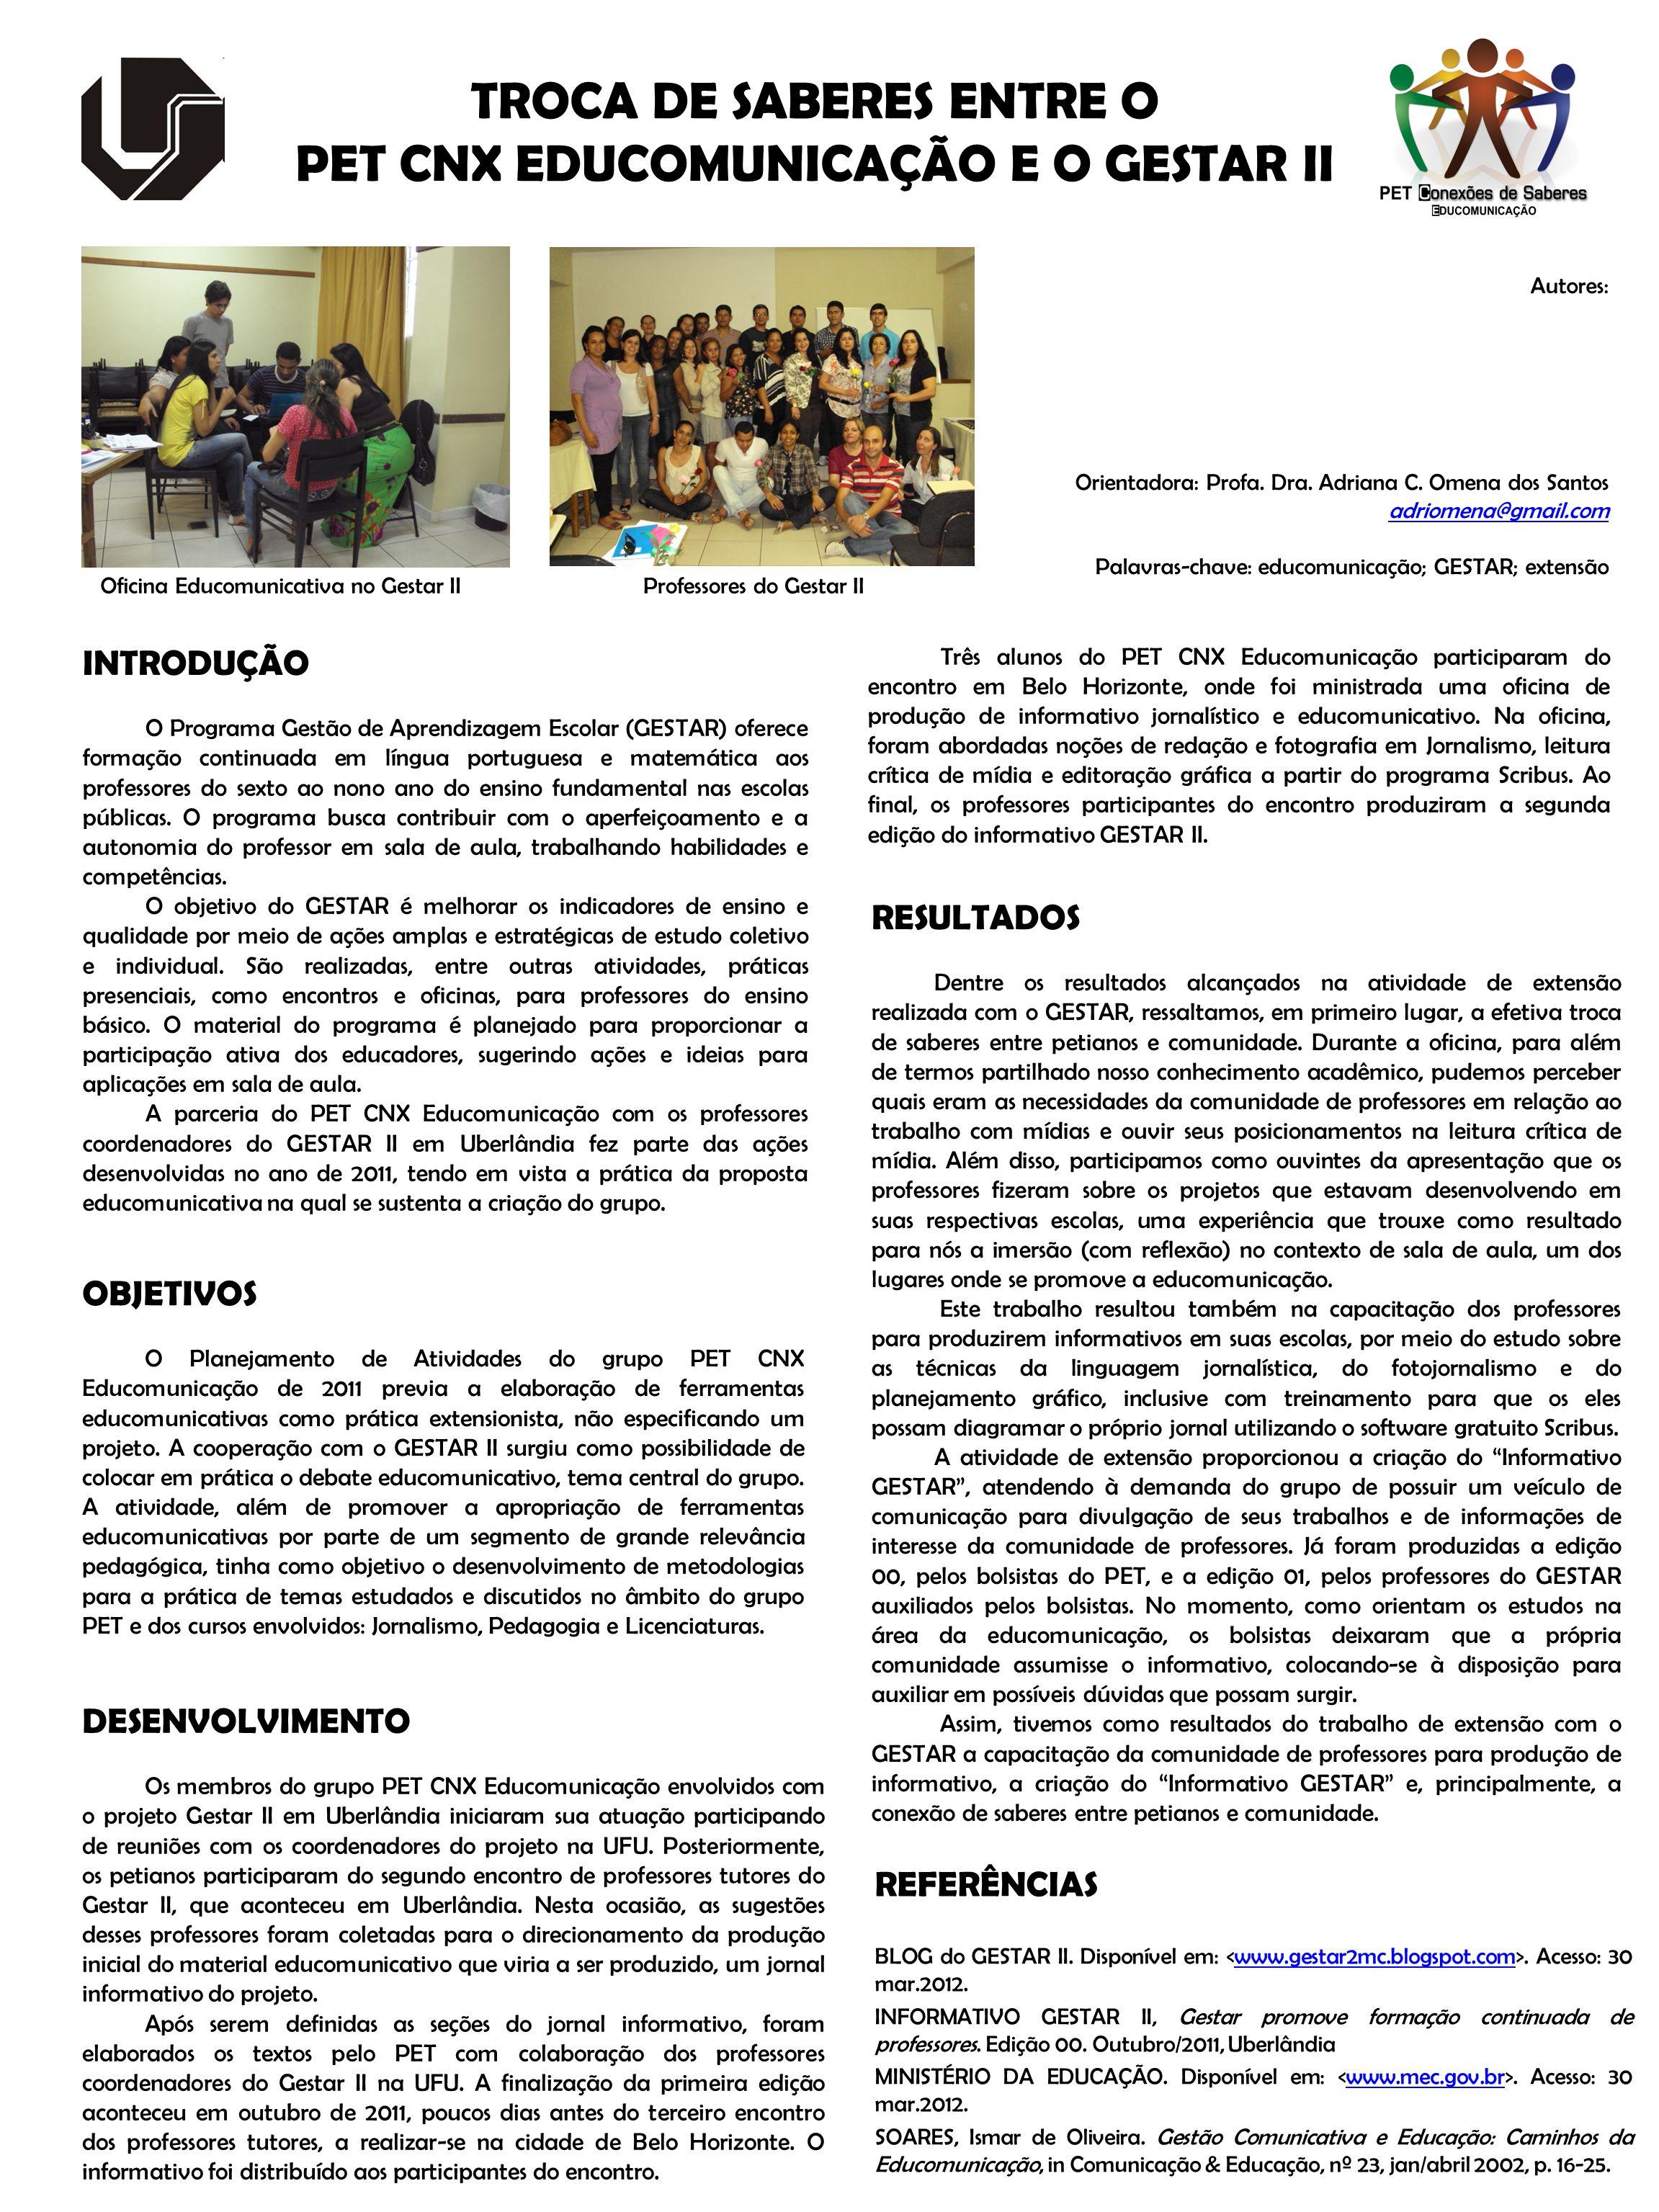 Autores: Orientadora: Profa. Dra. Adriana C. Omena dos Santos adriomena@gmail.com Palavras-chave: educomunicação; GESTAR; extensão INTRODUÇÃO O Progra